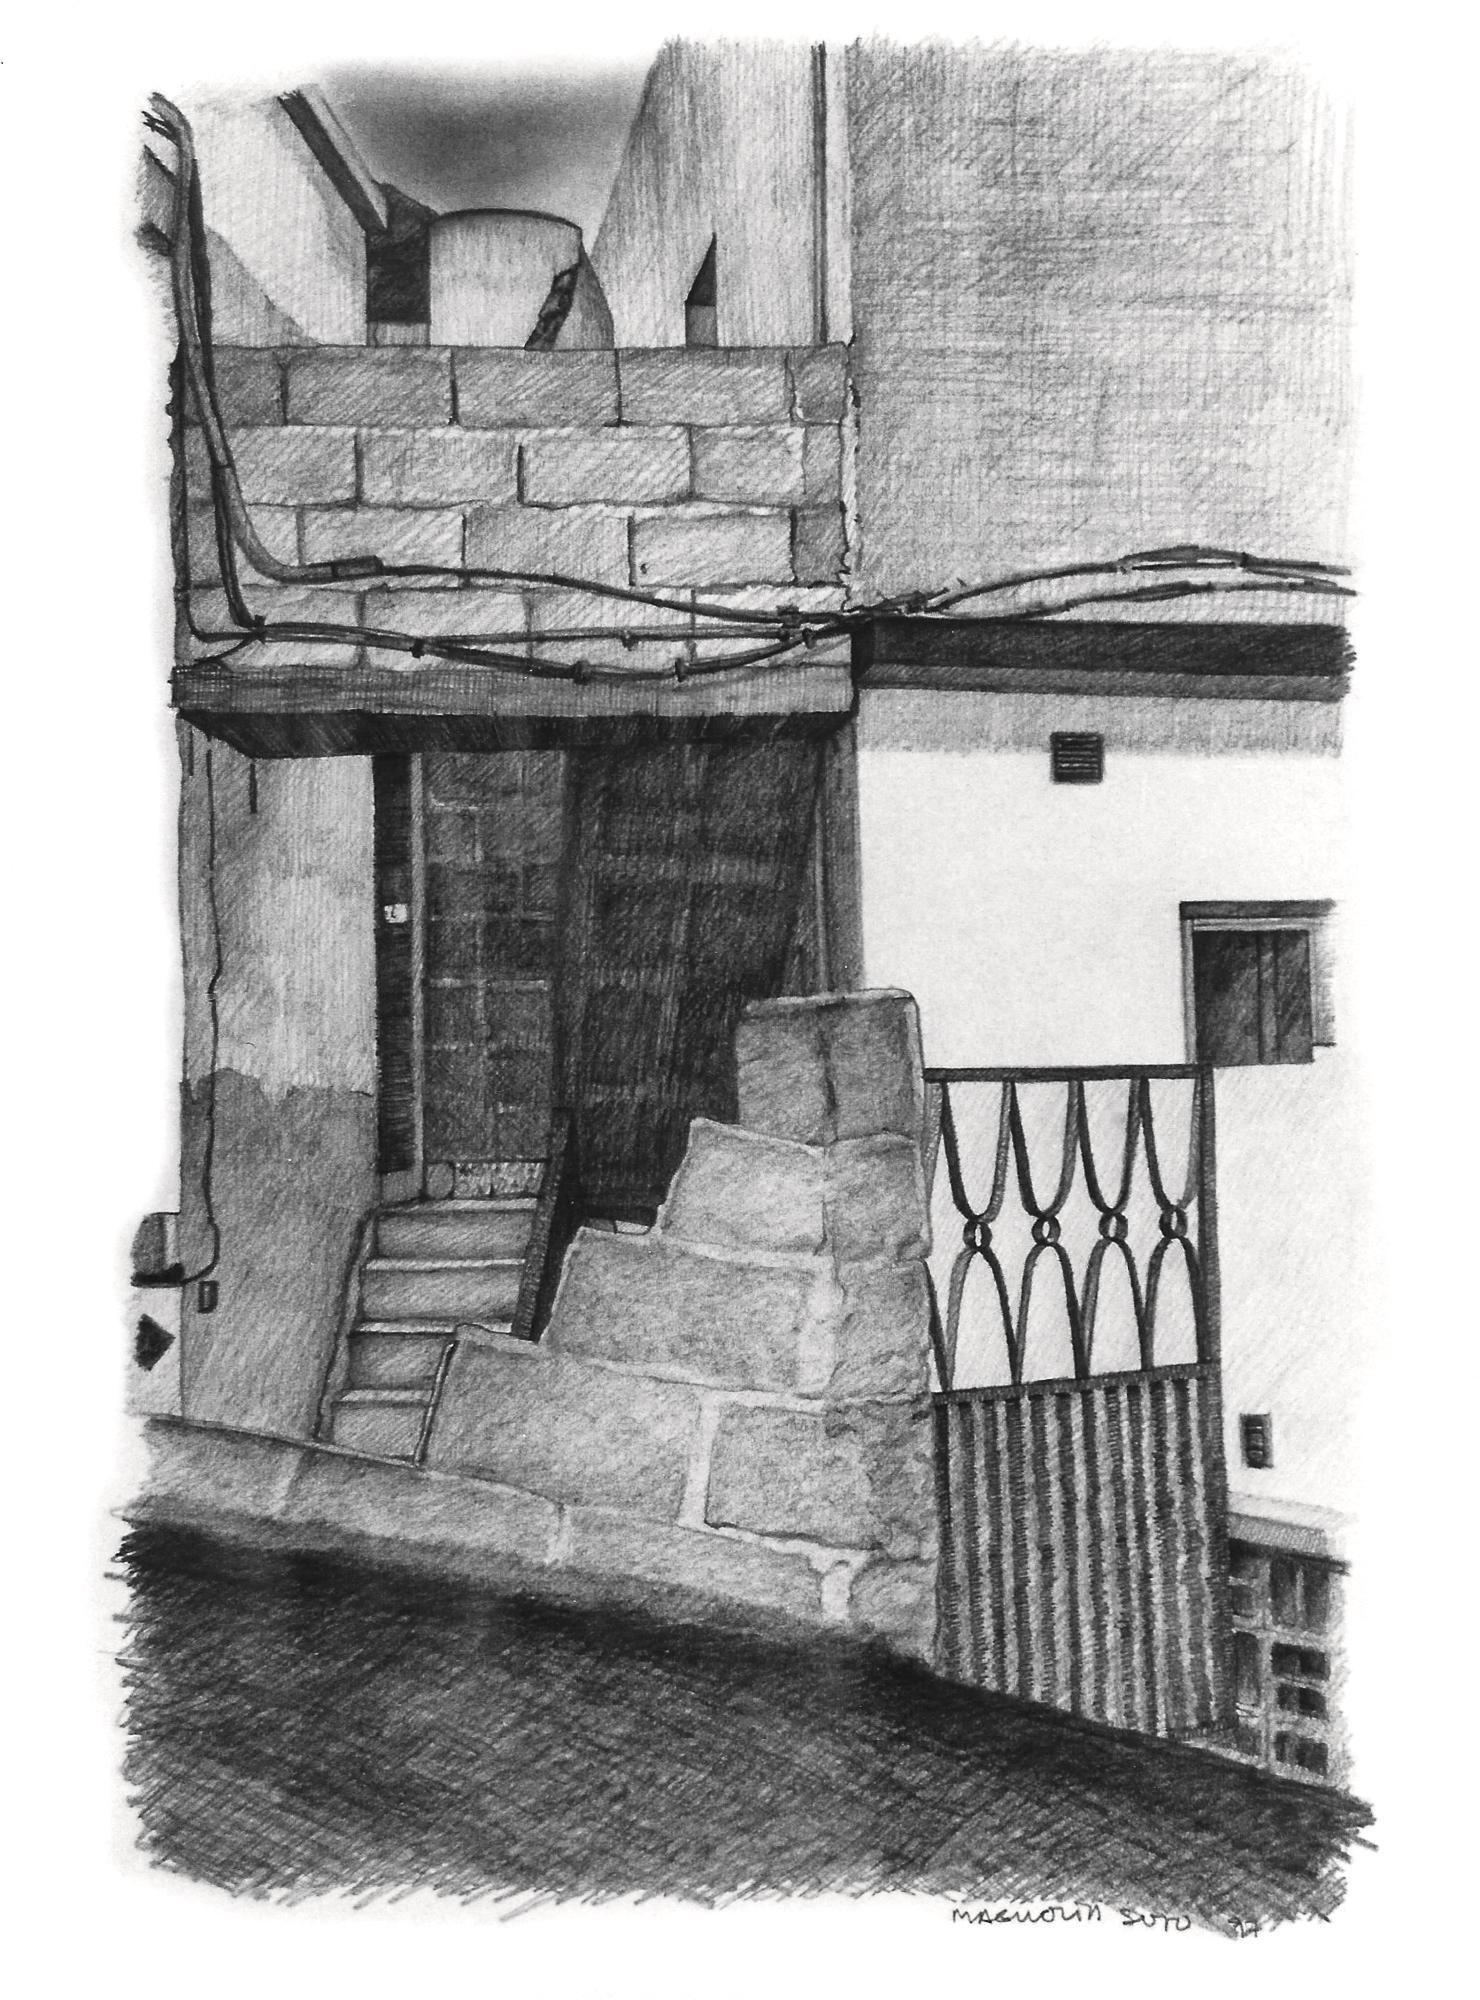 Magnolia Soto. Paisaje Canario 6. 1997. Grafito sobre papel. 37 x 27 cm.